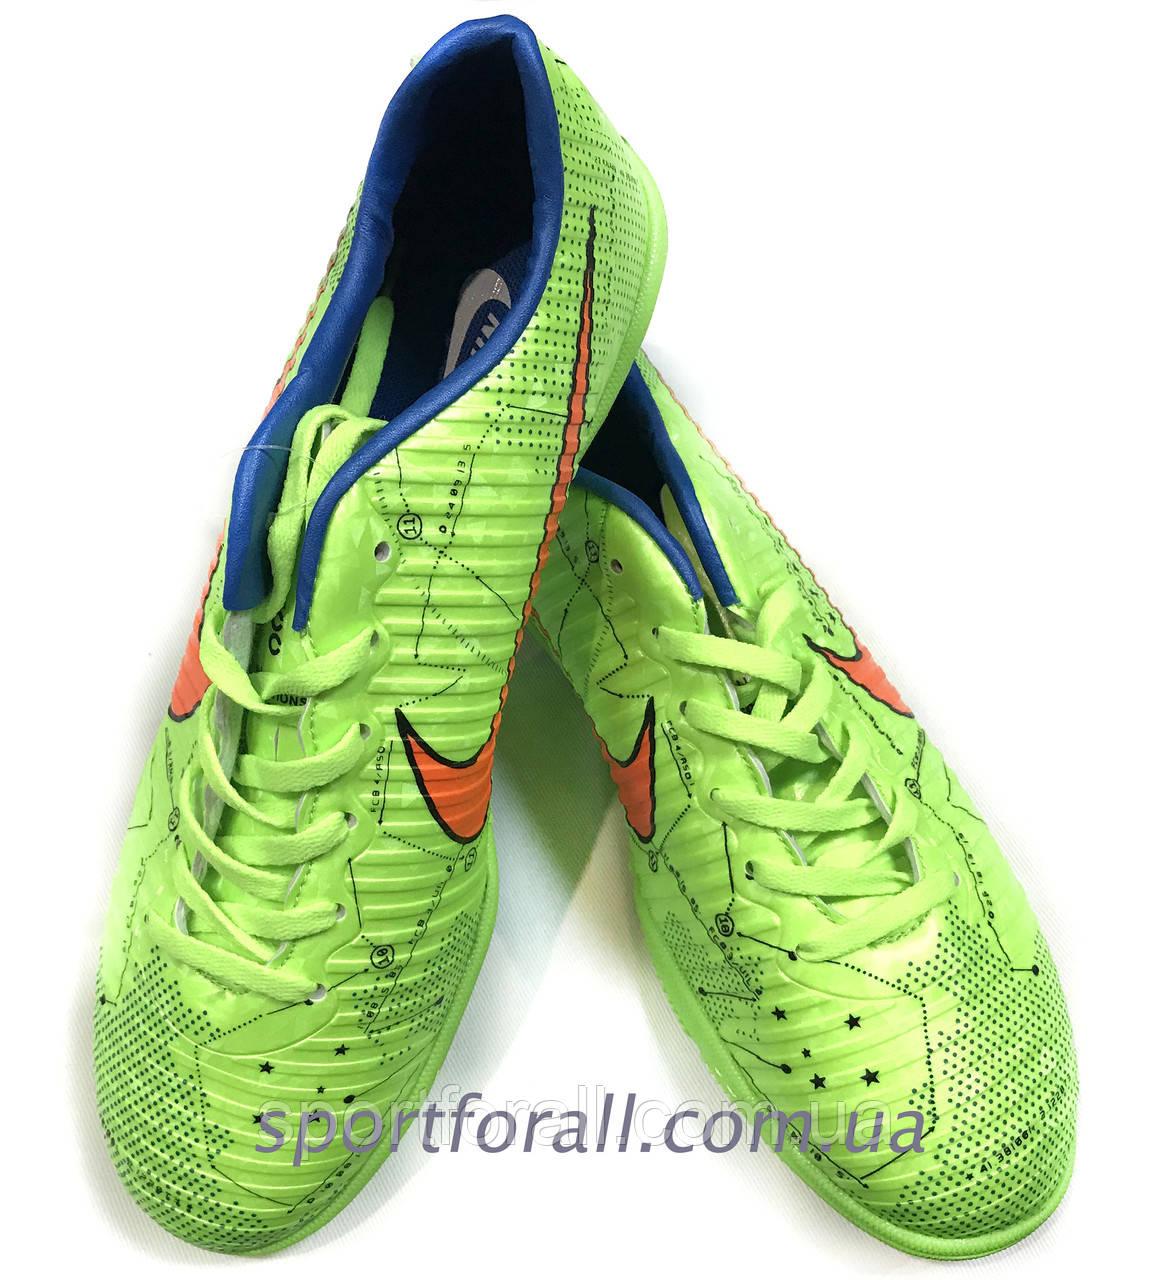 Футбольные сороконожки NIKE mercurial X Р-1 р.36,38 А-600